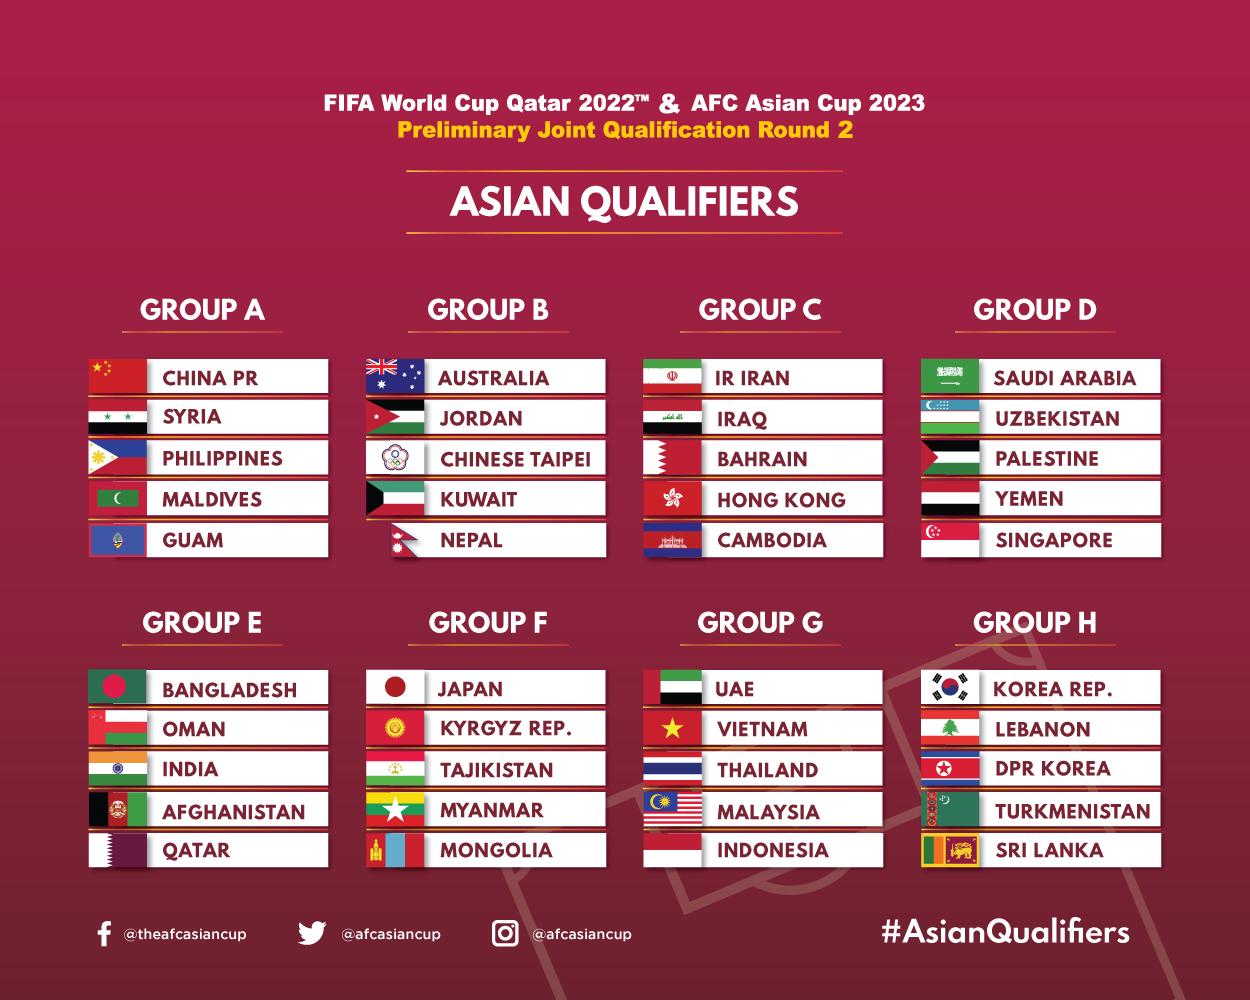 HLV Malaysia: Chung bảng Việt Nam, Thái Lan tại vòng loại World Cup chỉ sướng CĐV Đông Nam Á-4